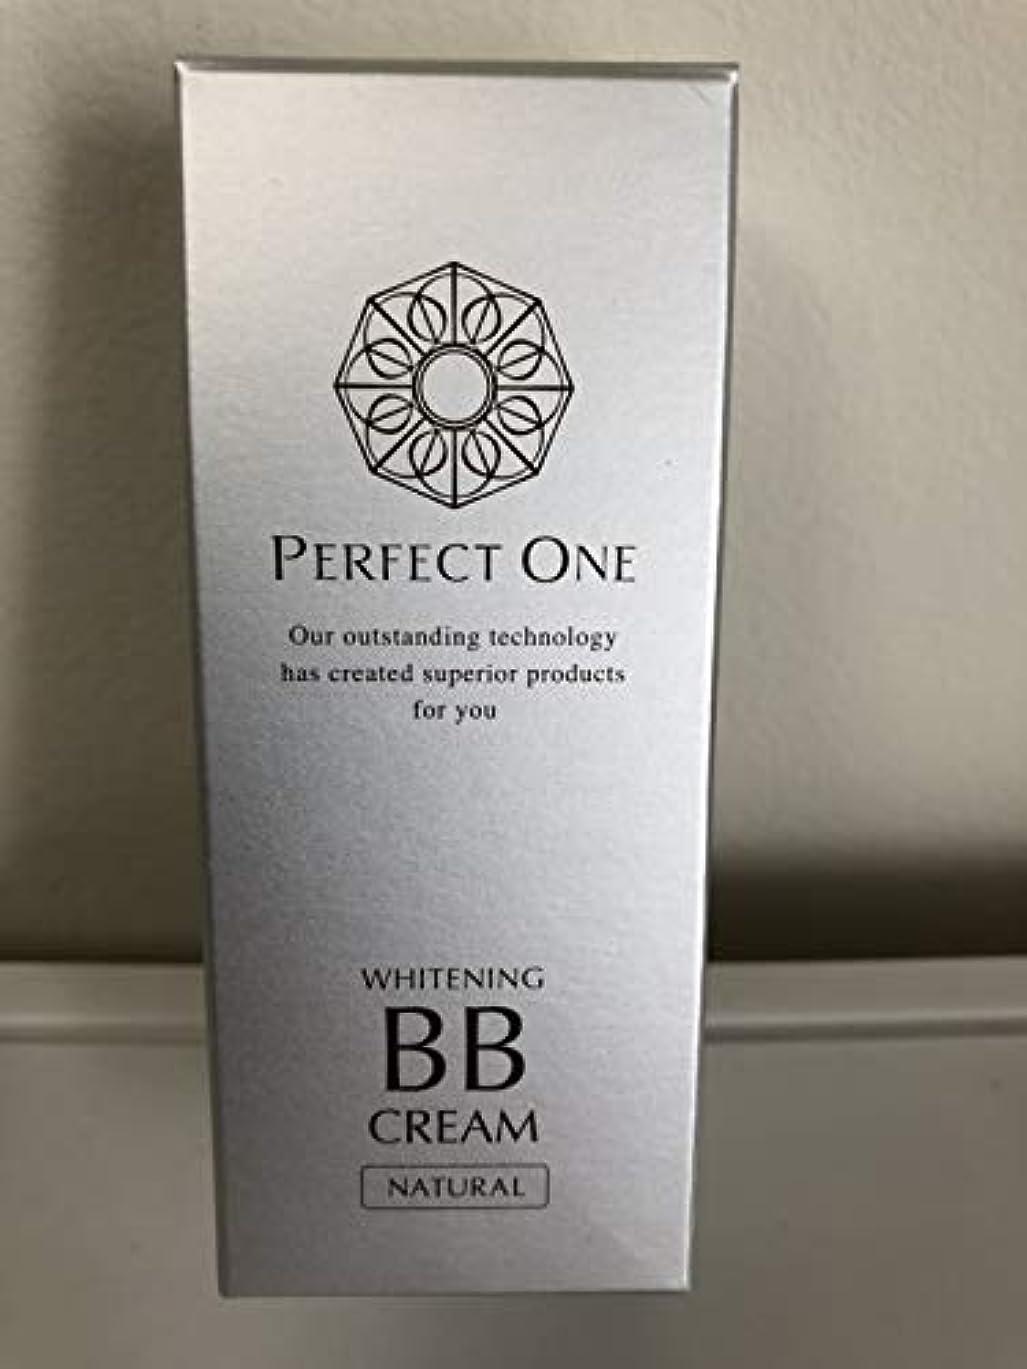 ボイド推測副詞新日本製薬 パーフェクトワン 薬用ホワイトニングBBクリーム ナチュラル 25g